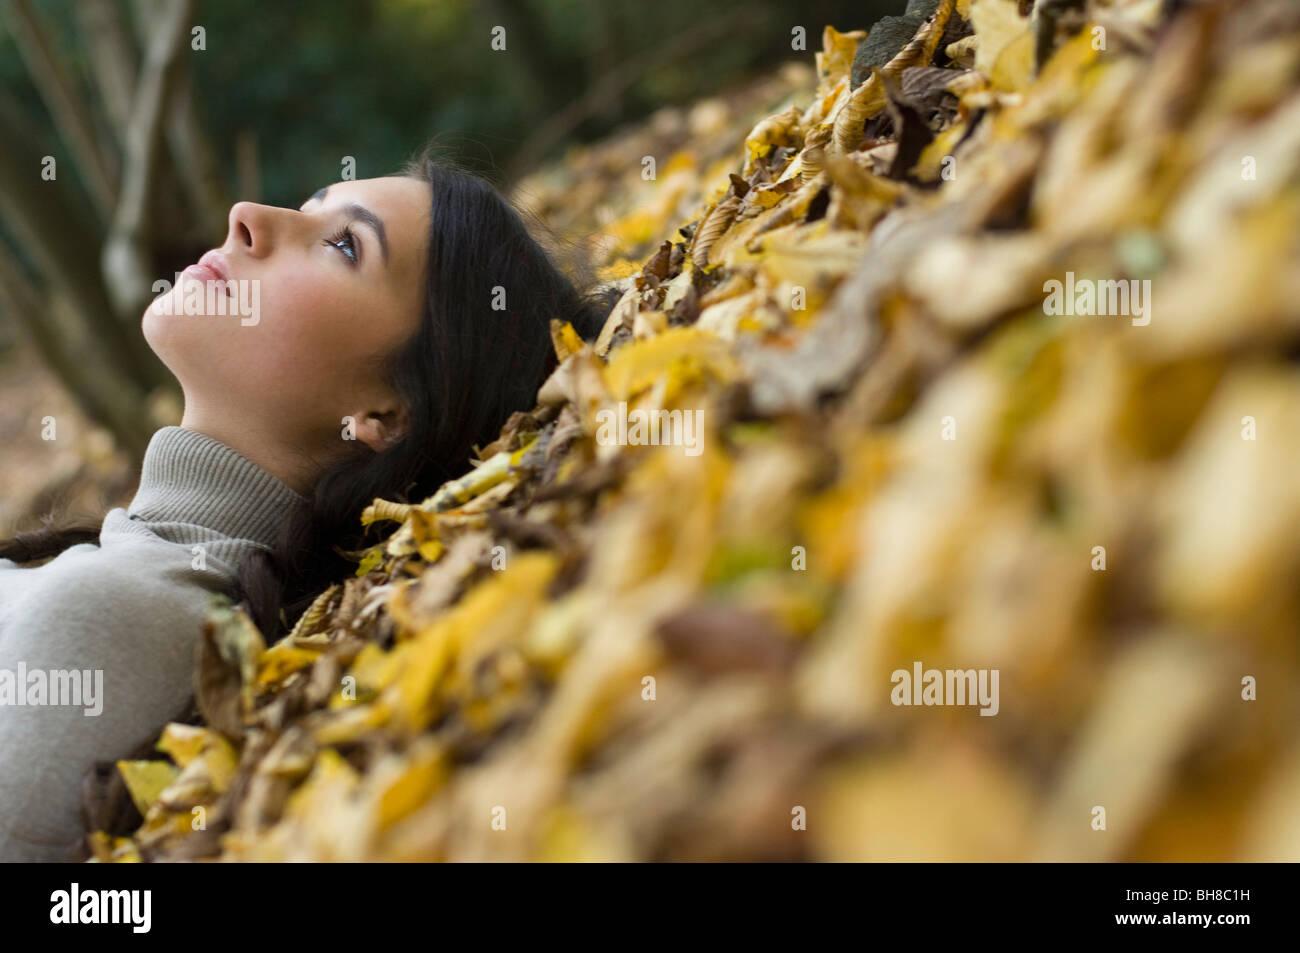 ragazza sulle foglie Immagini Stock